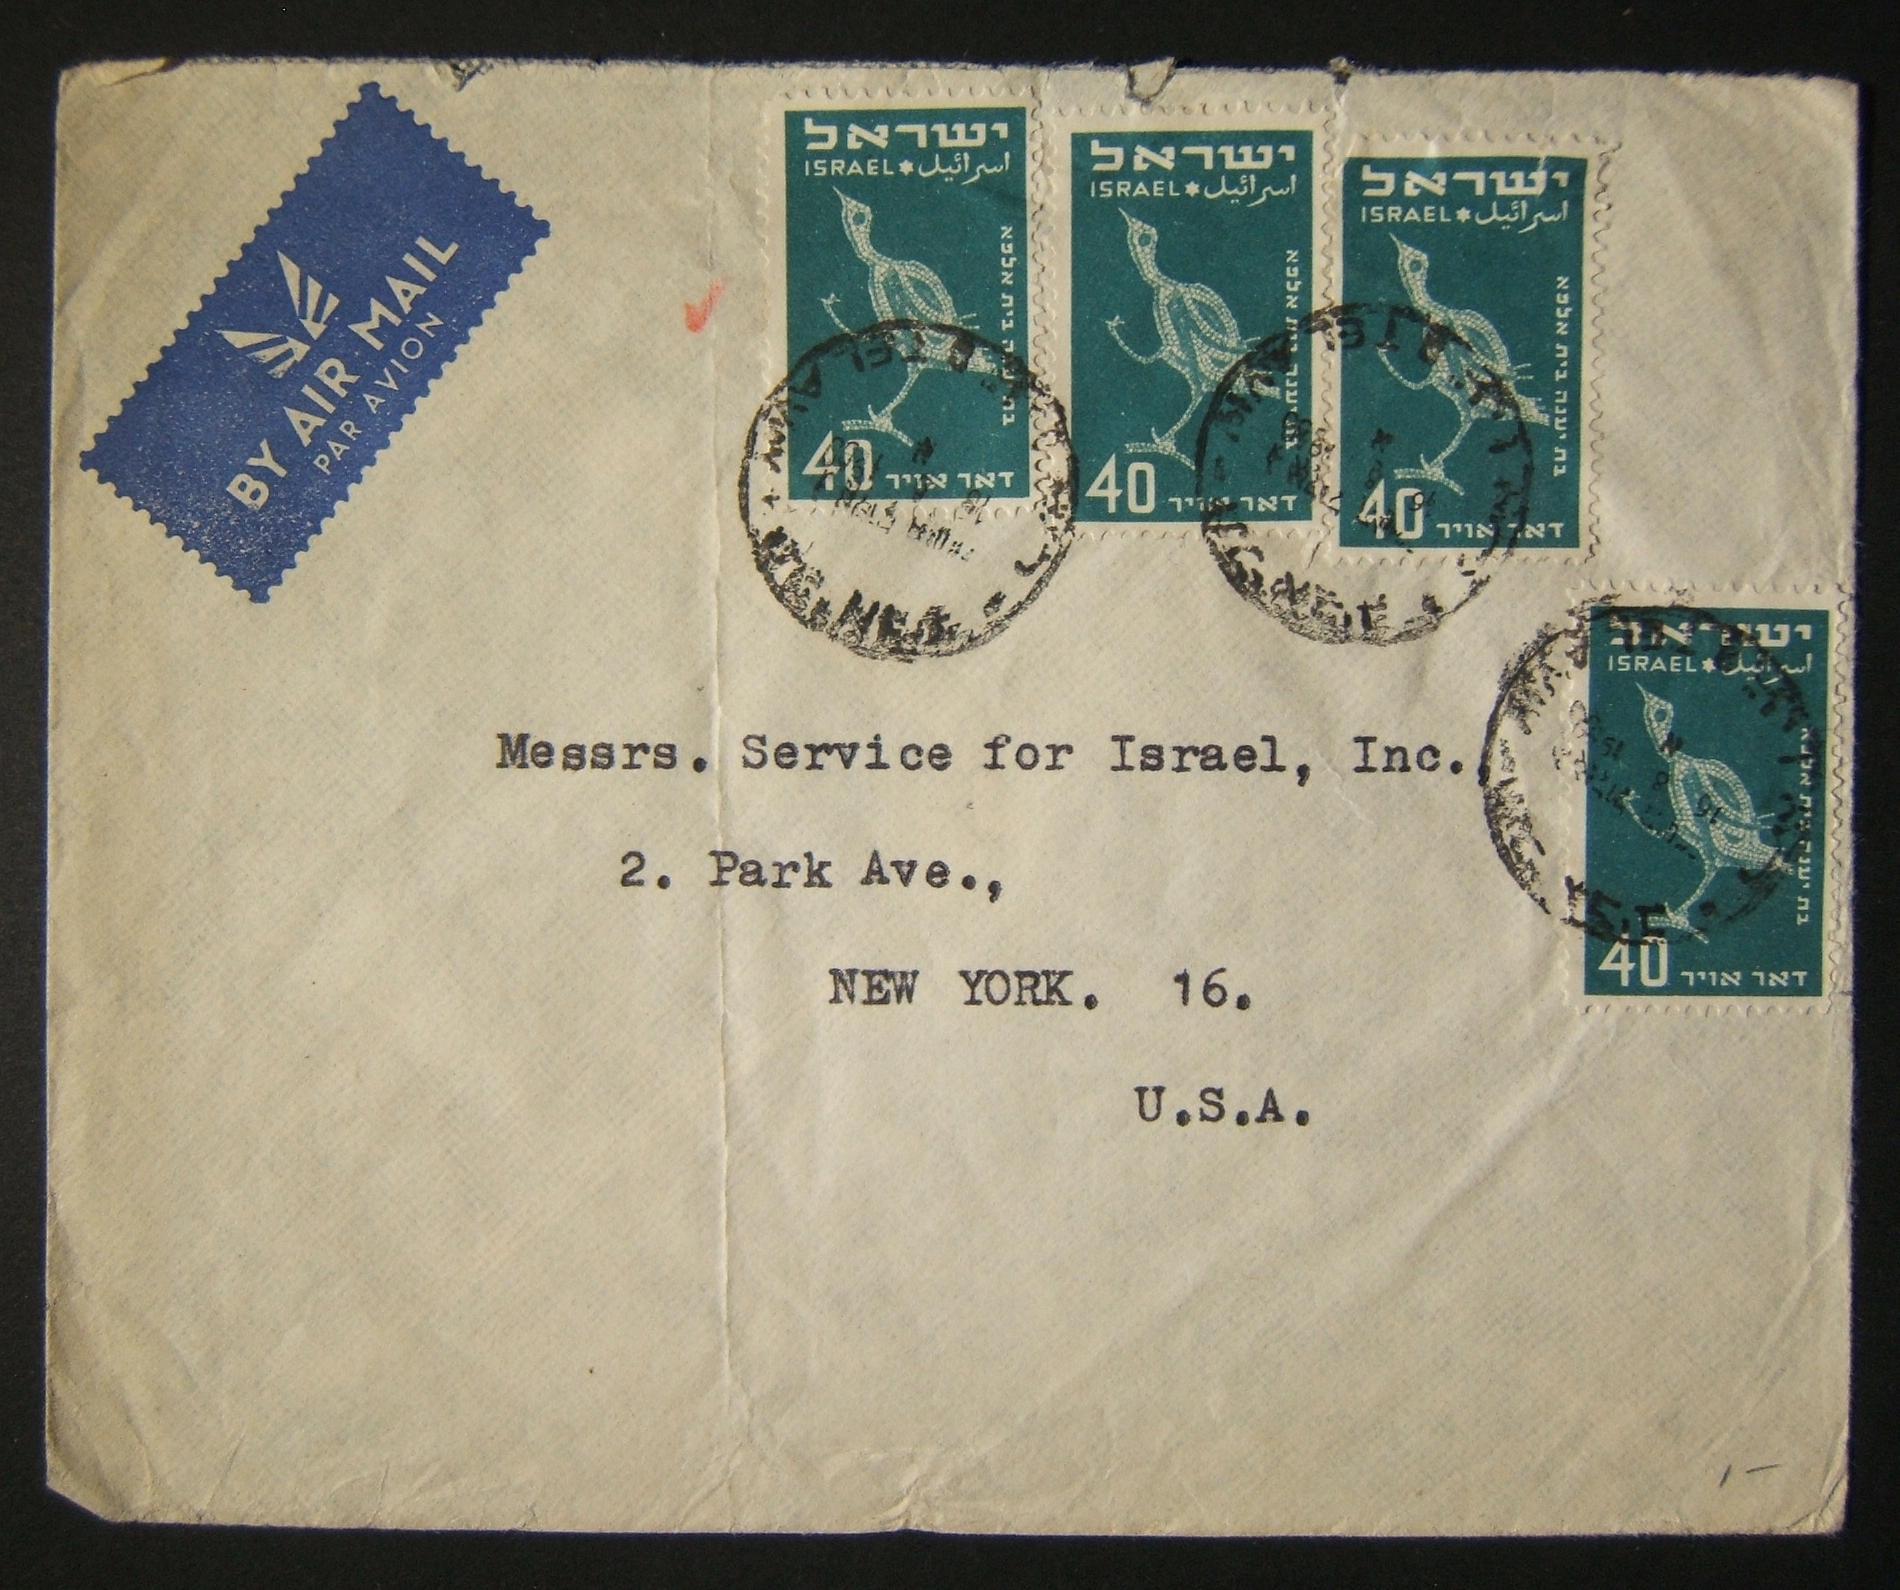 8/1950 عدة رسائل بريدية مكشوفة إلى الولايات المتحدة باستخدام طوابع بريد جوالة بحجم 40 × 40Pr